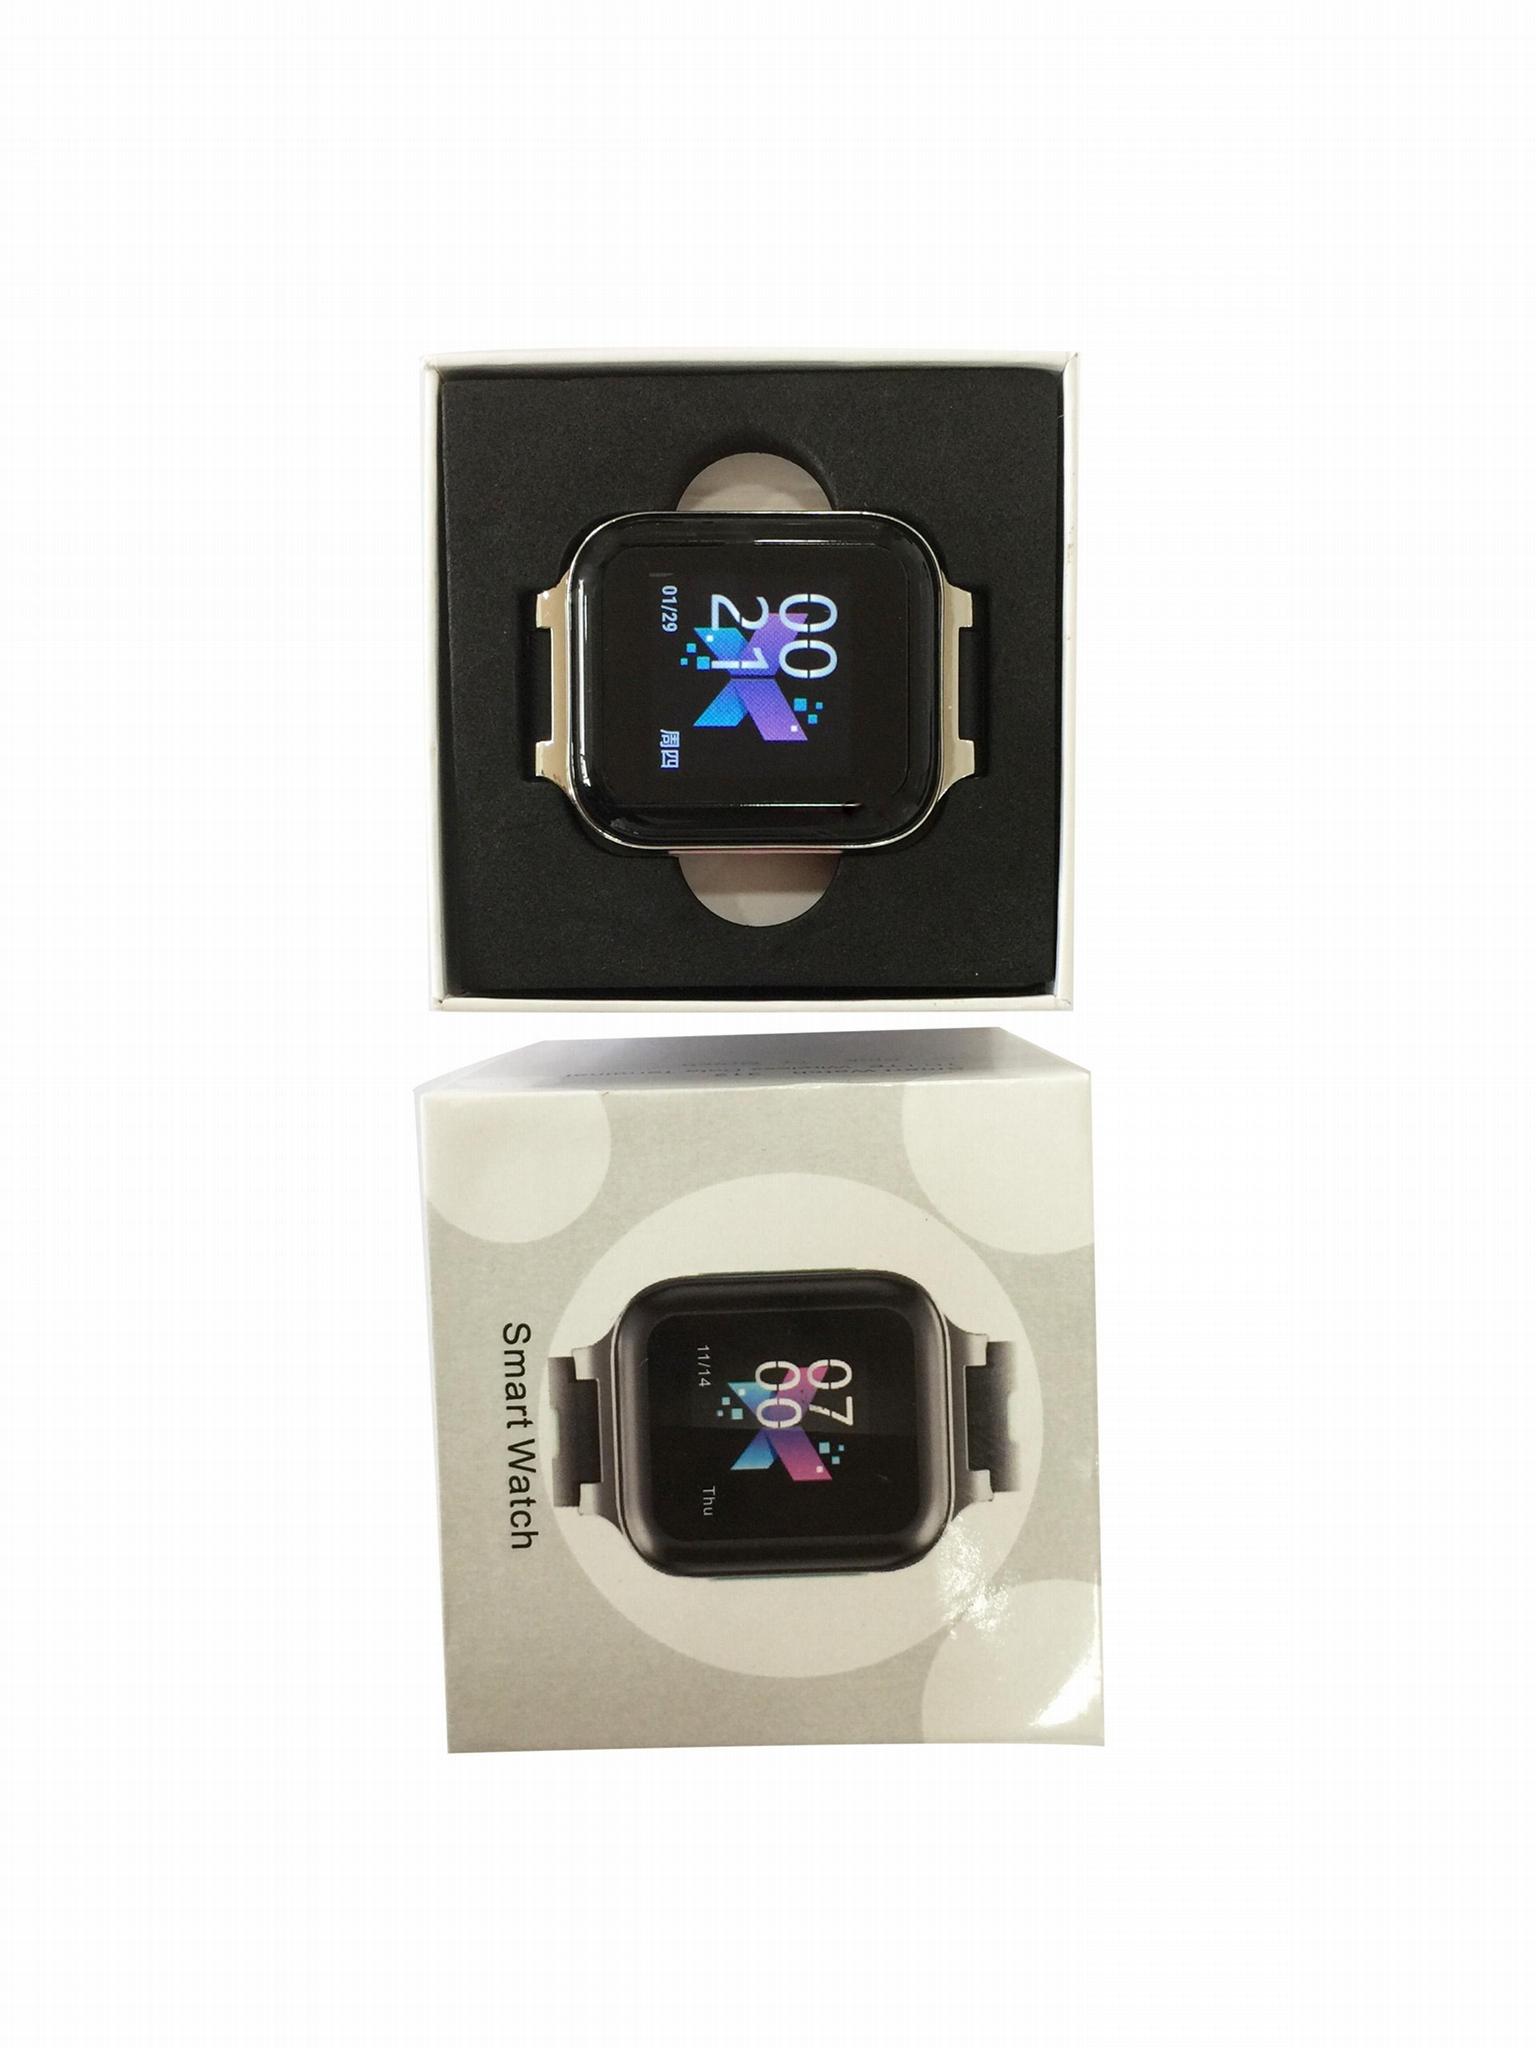 跨境4G全網通多國語言gps312智能手錶儿童電話手錶防水GPS定位器 4